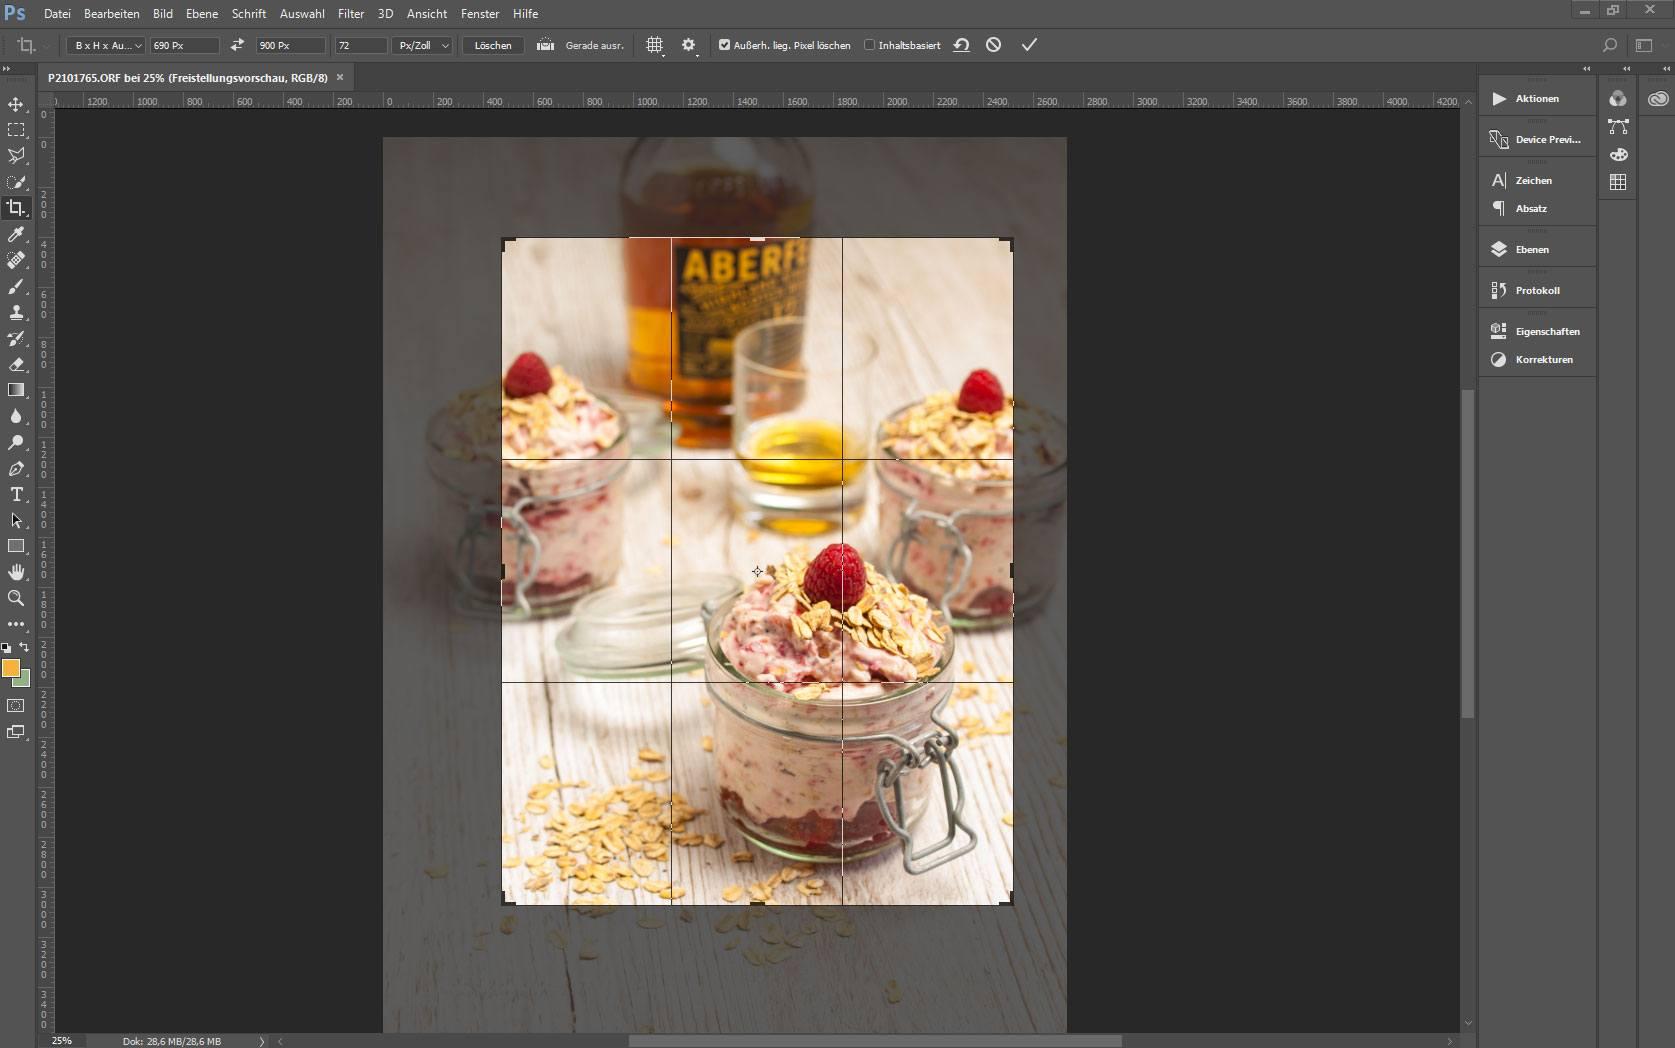 Ansicht eines Bildes in Adobe Photoshop mit aktivem Freistellungswerkzeug